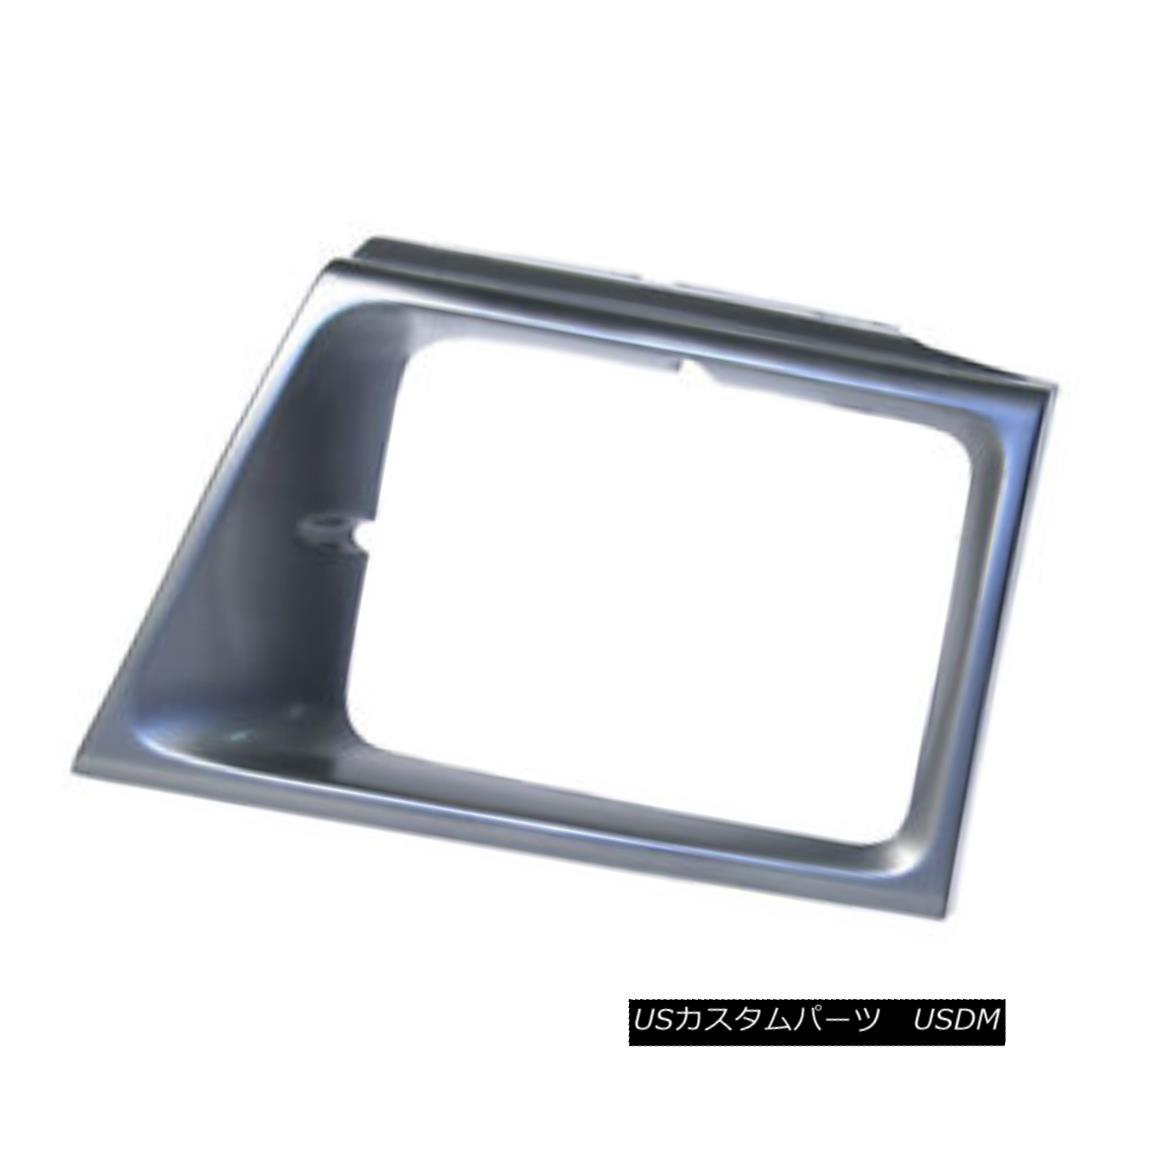 グリル New Replacement Headlight Door Silver & Grey Driver Side 630-00958L 新しい交換ヘッドライトドアシルバー& グレードライバーサイド630-00958L